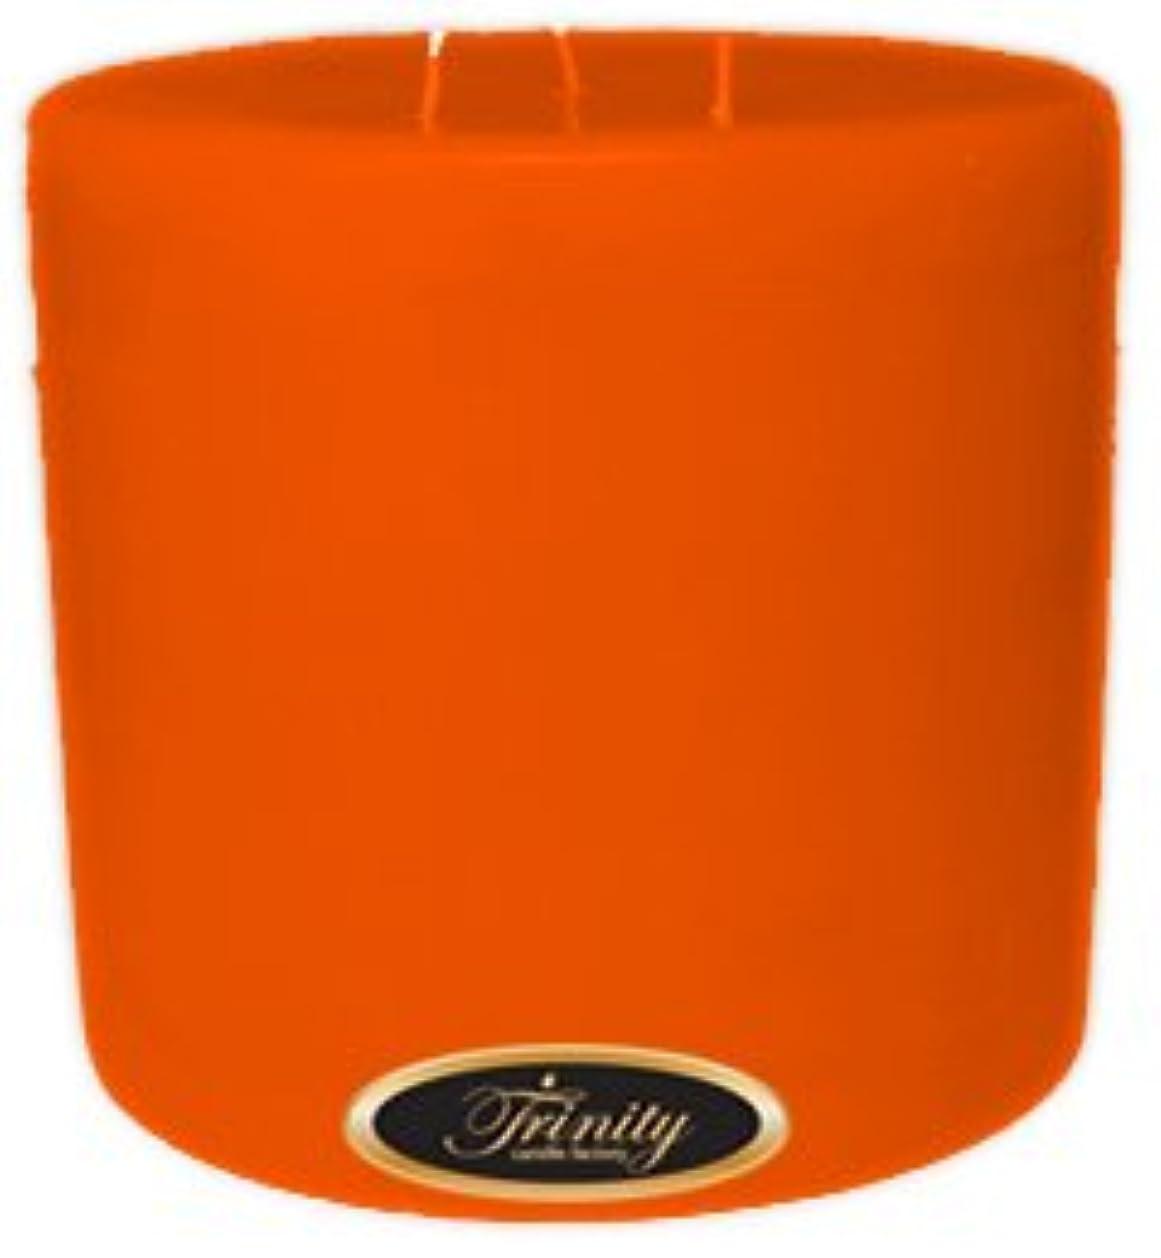 アルファベットでる導体Trinity Candle工場 – フロリダオレンジ – Pillar Candle – 6 x 6